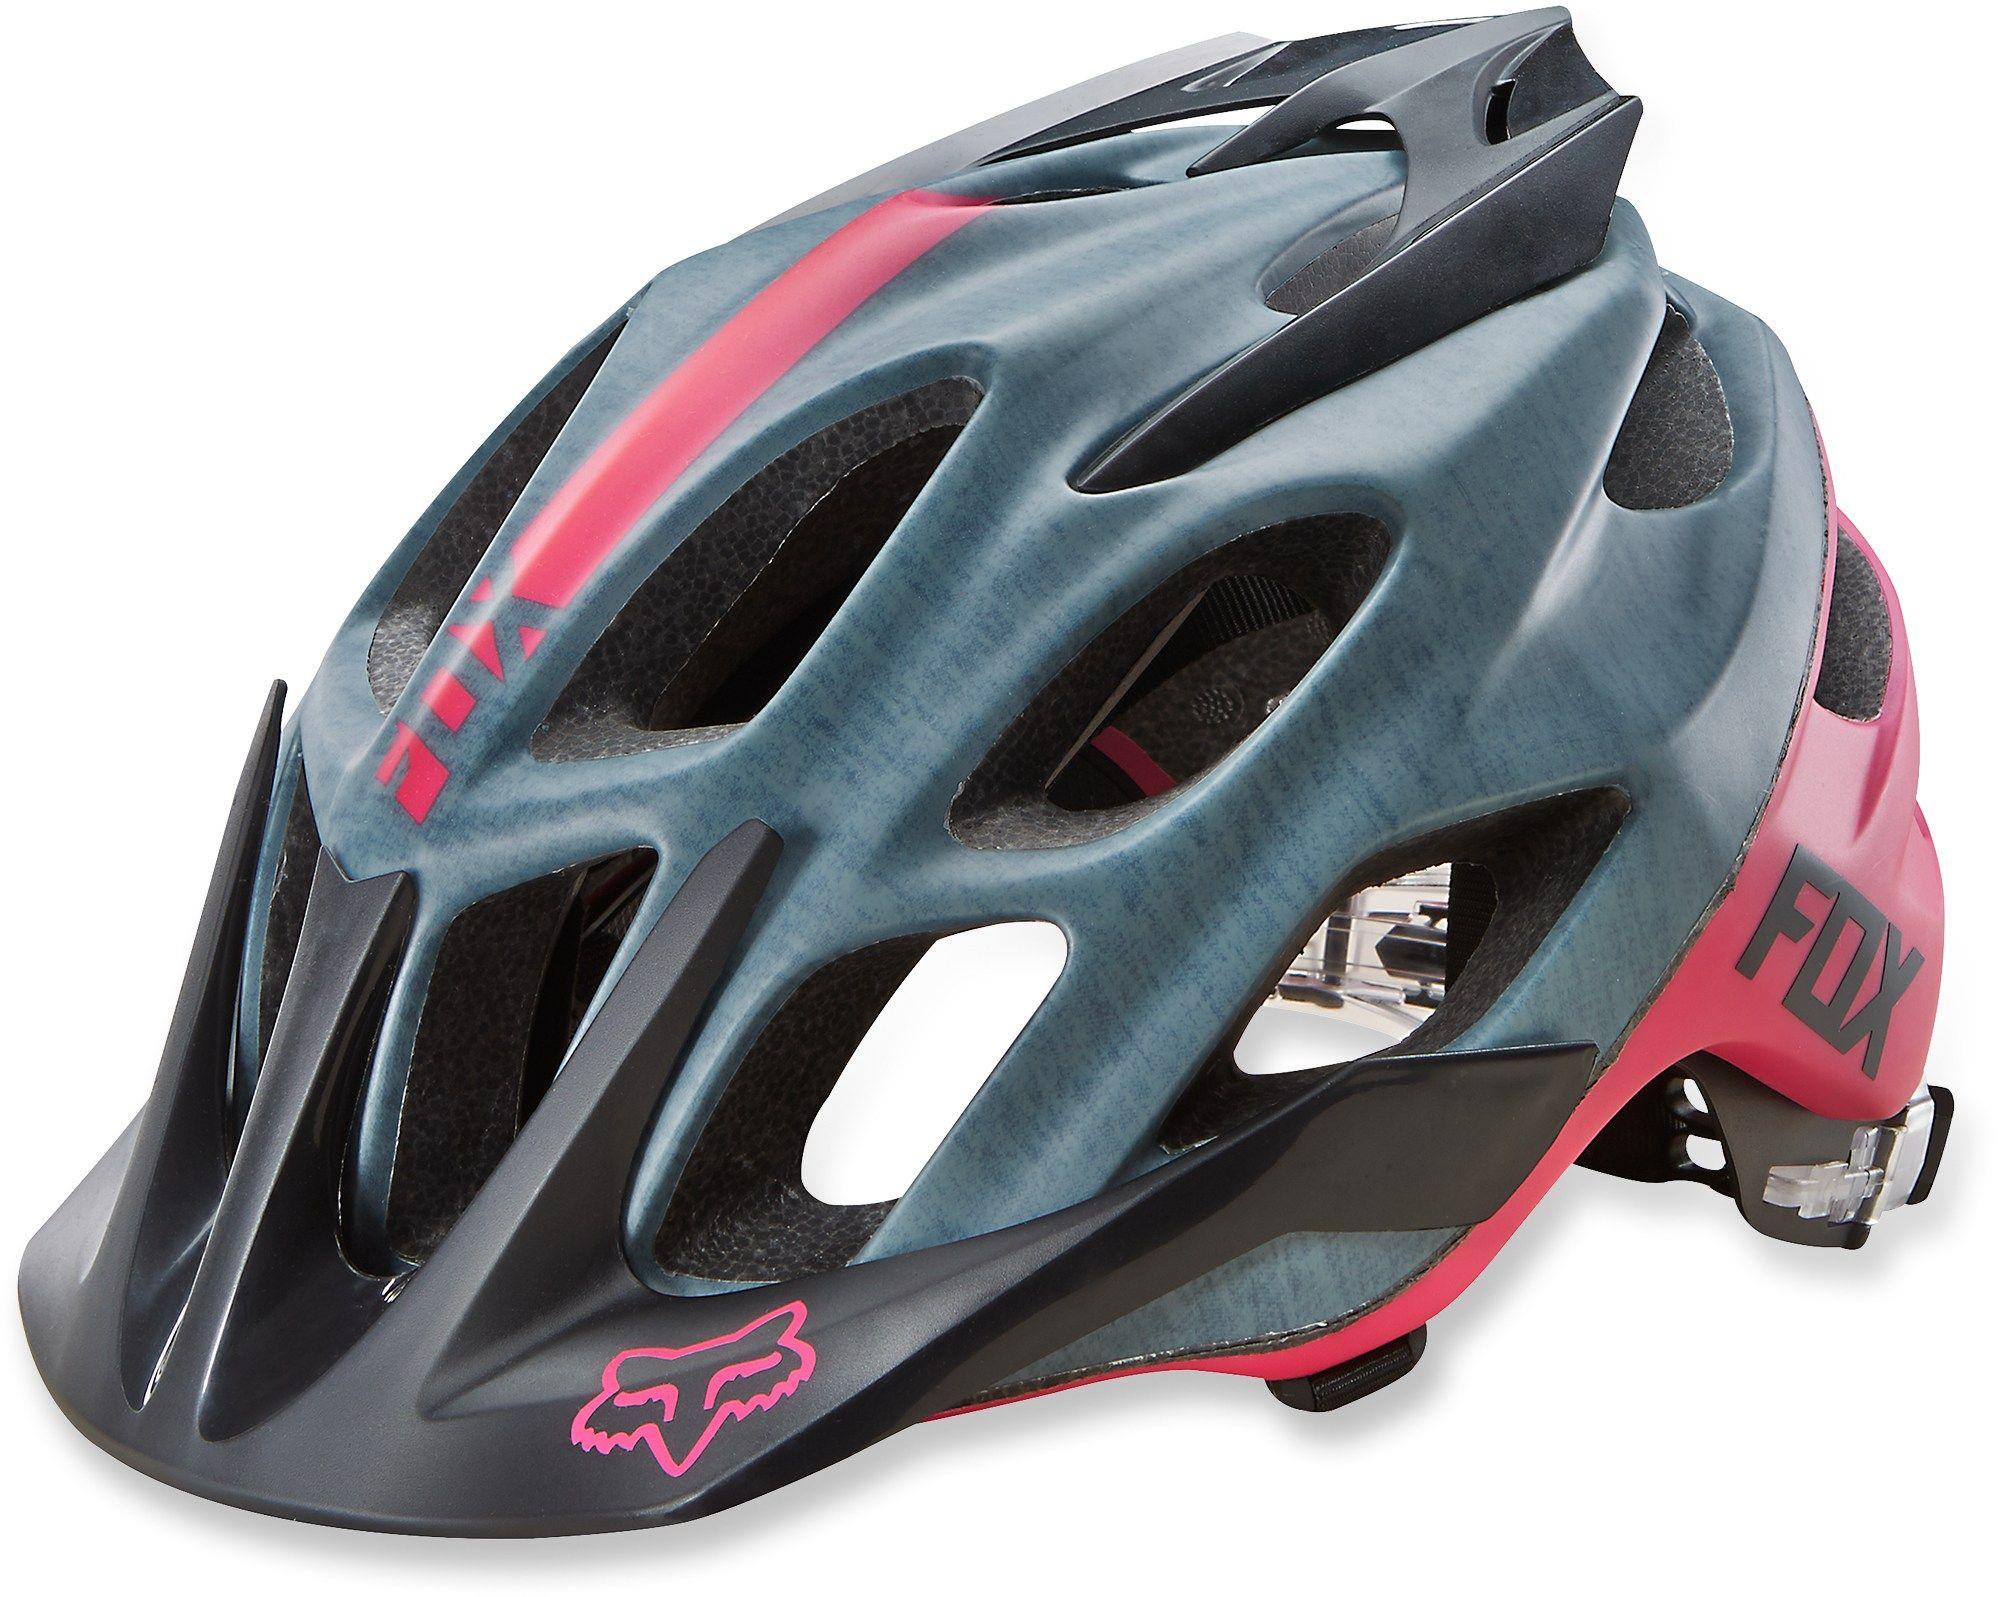 Fox Flux Mountain Bike Helmet Women S Womens Bike Helmet Mountain Bike Helmets Womens Bike